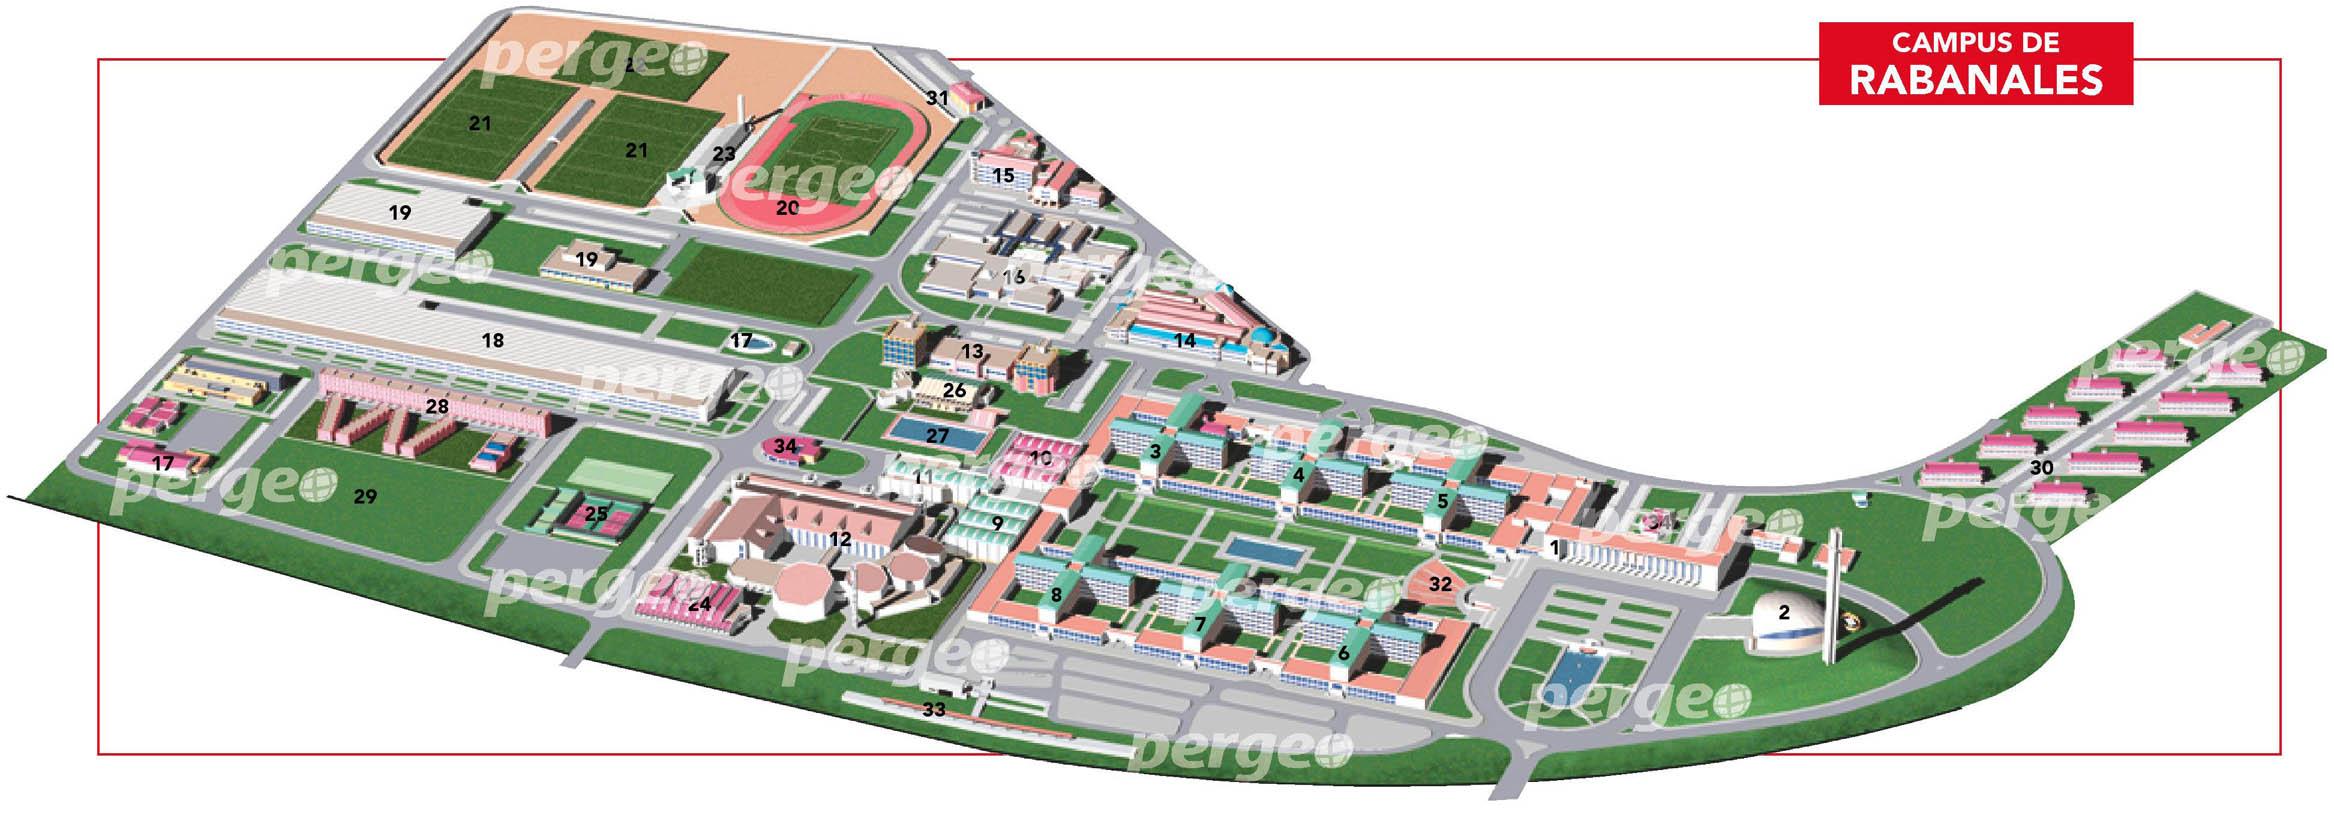 campus-rabanales-3000px